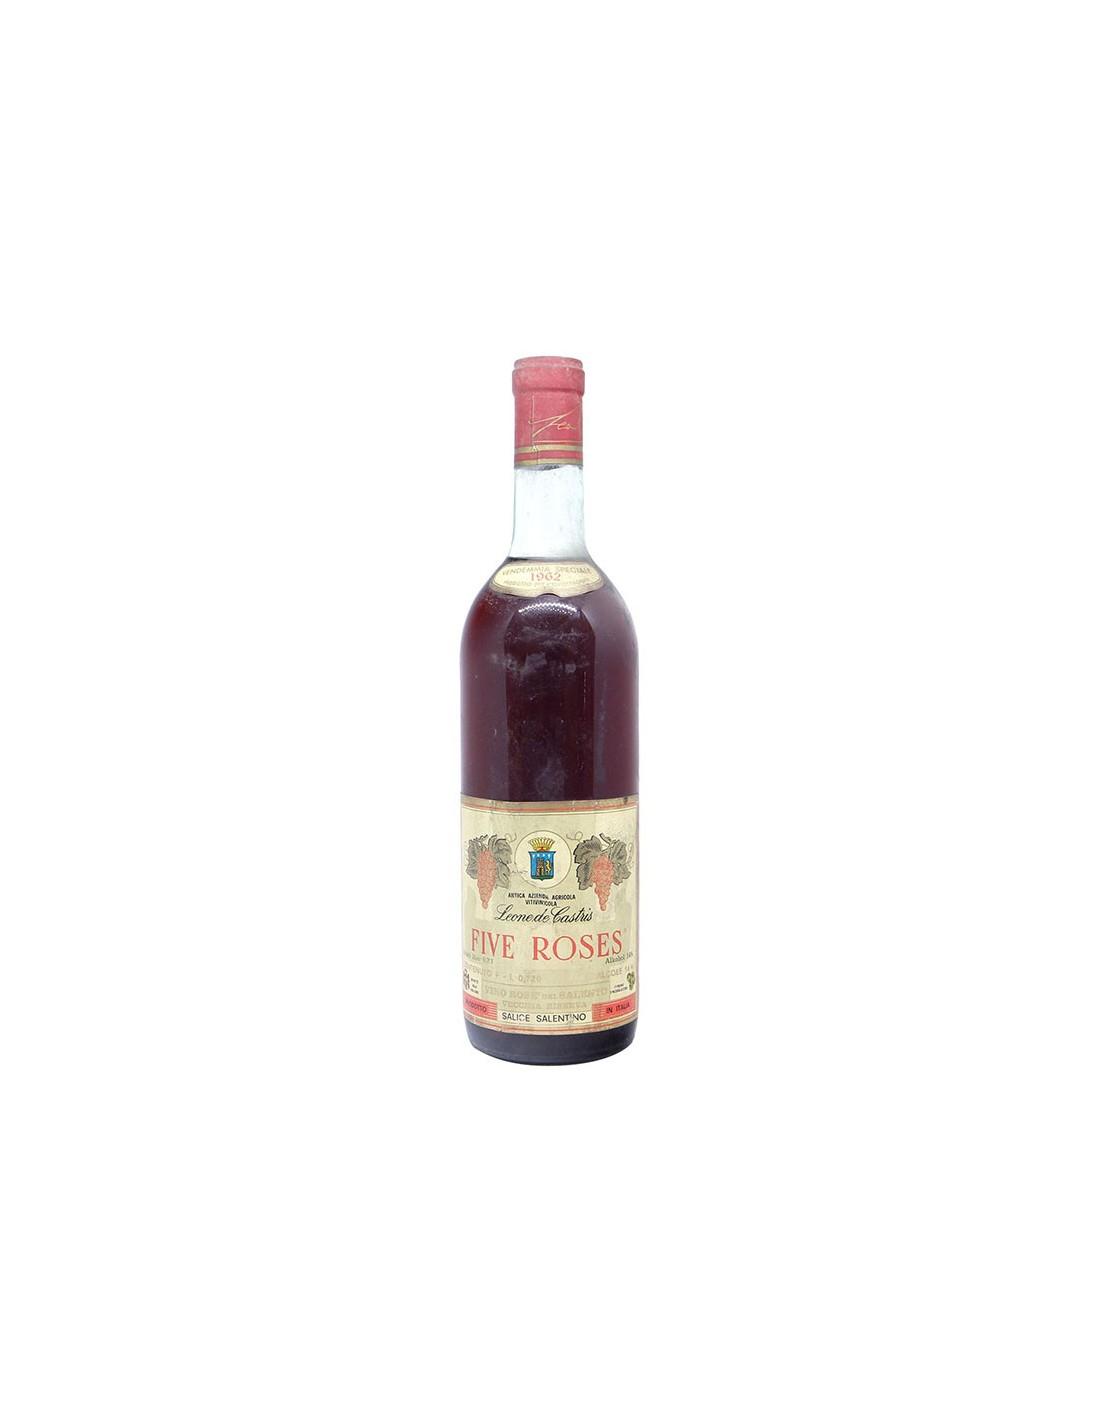 FIVE ROSES VENDEMMIA SPECIALE 1962 LEONE DE CASTRIS Grandi Bottiglie